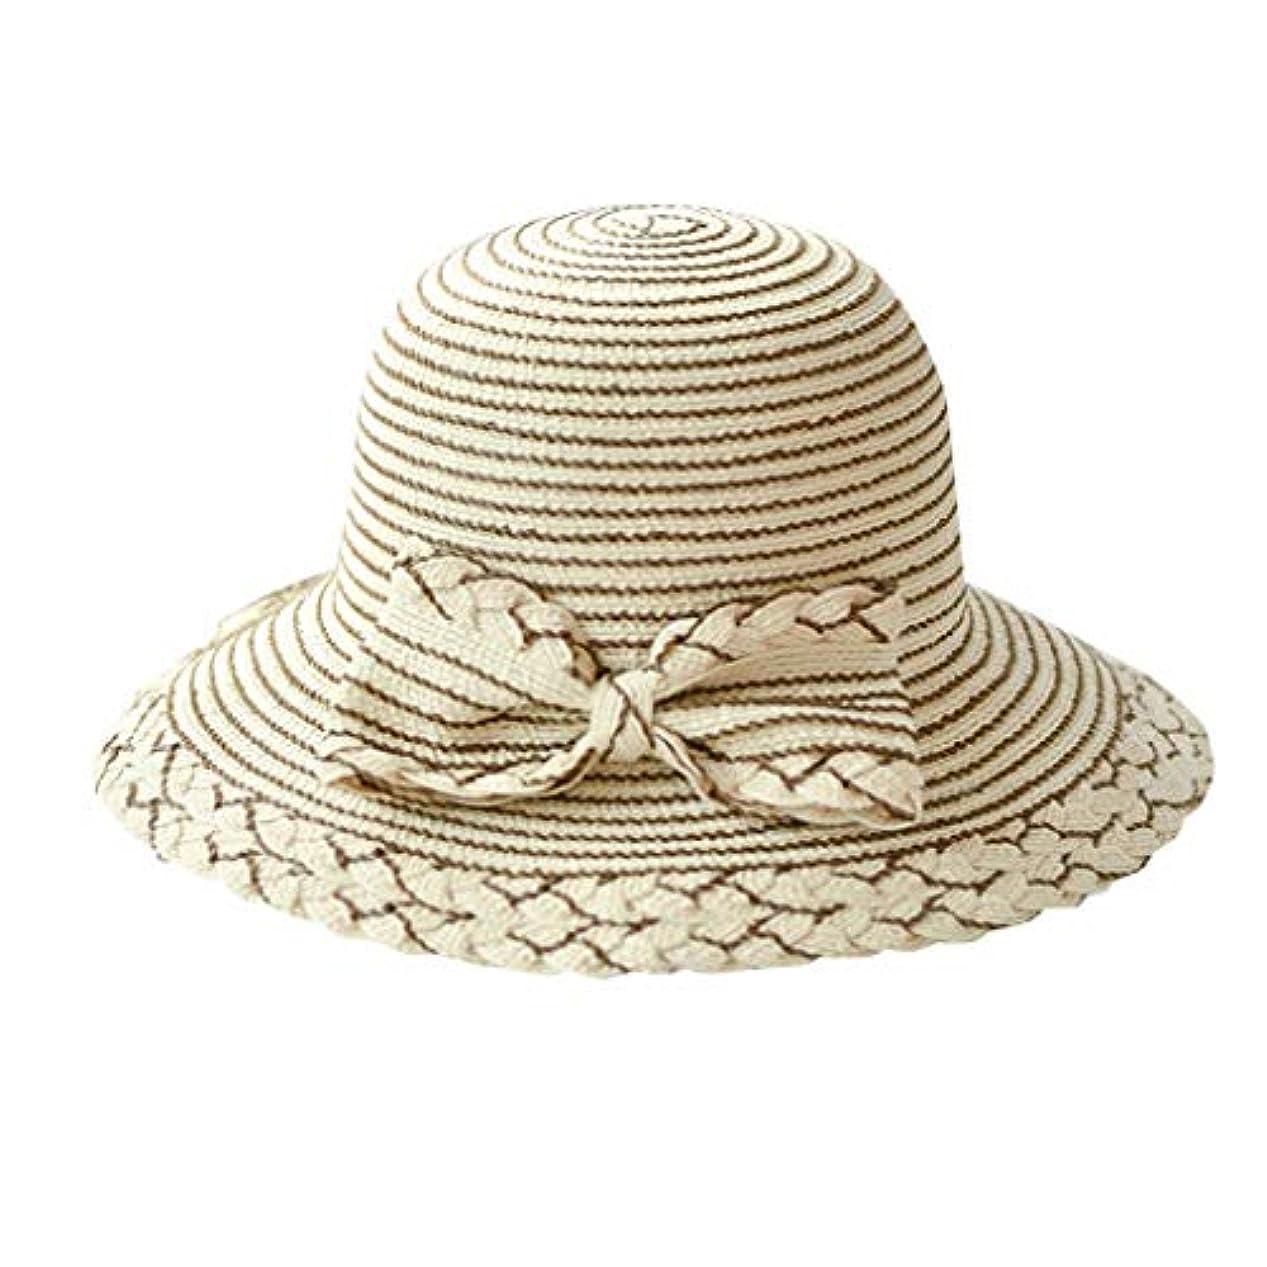 ウェーハお光の夏 帽子 レディース UVカット 帽子 ハット レディース 日よけ 夏季 女優帽 日よけ 日焼け 折りたたみ 持ち運び つば広 吸汗通気 ハット レディース 紫外線対策 小顔効果 ワイヤー入る ハット ROSE ROMAN